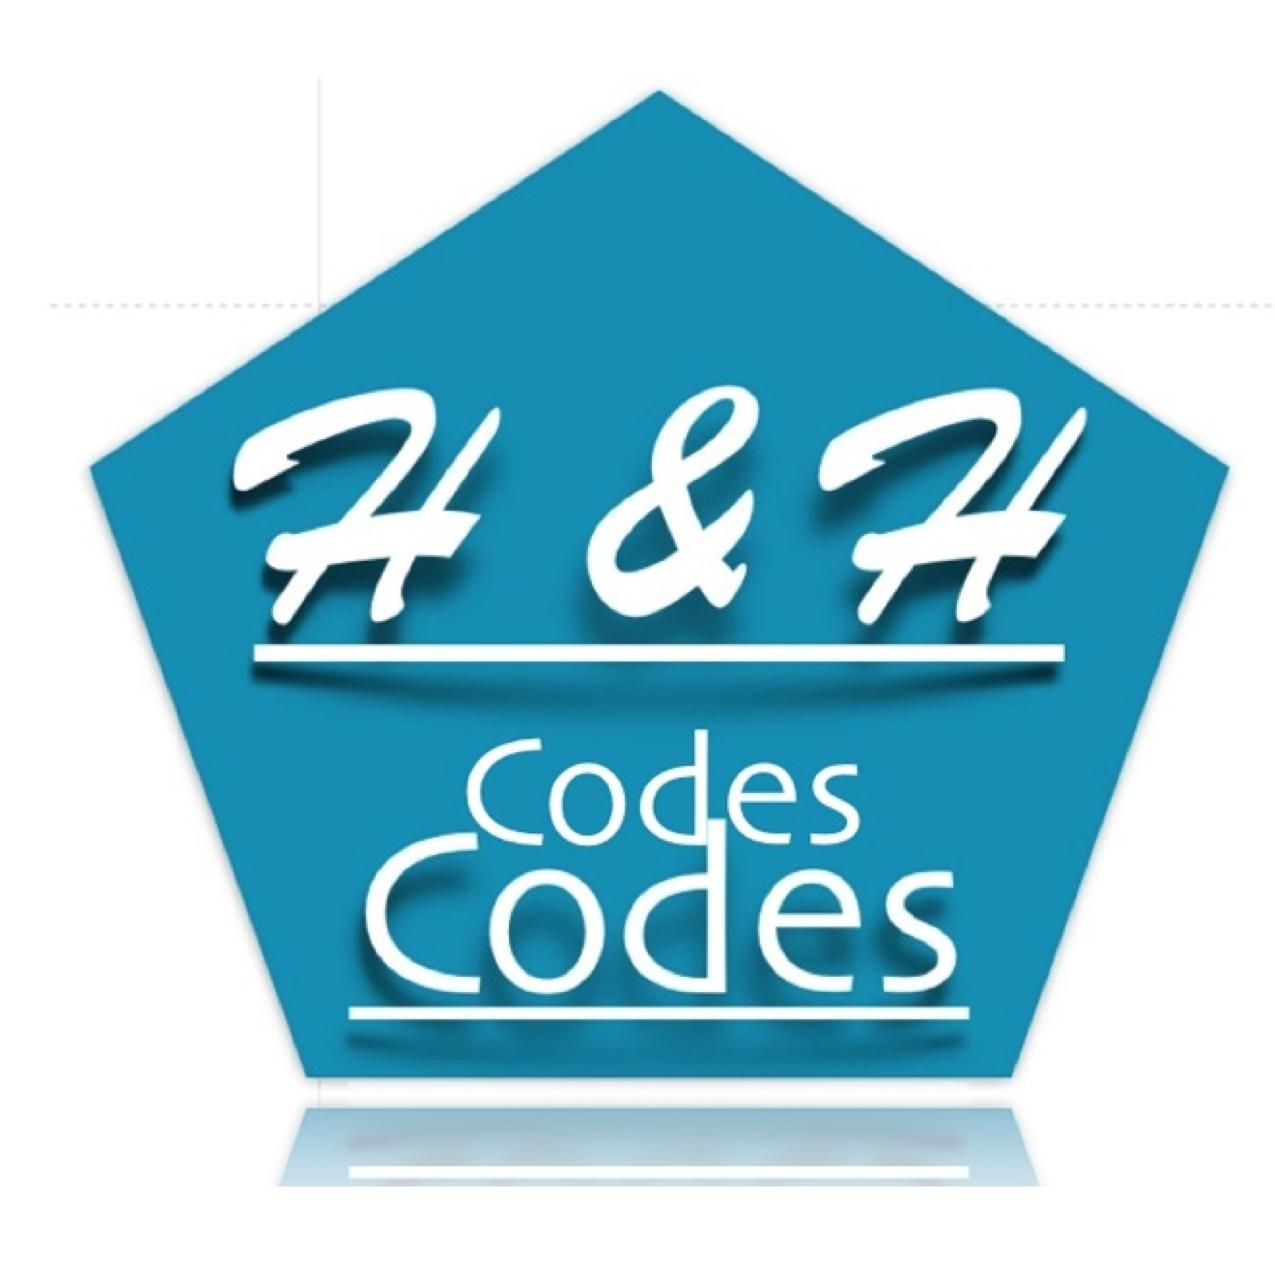 H & H Codes